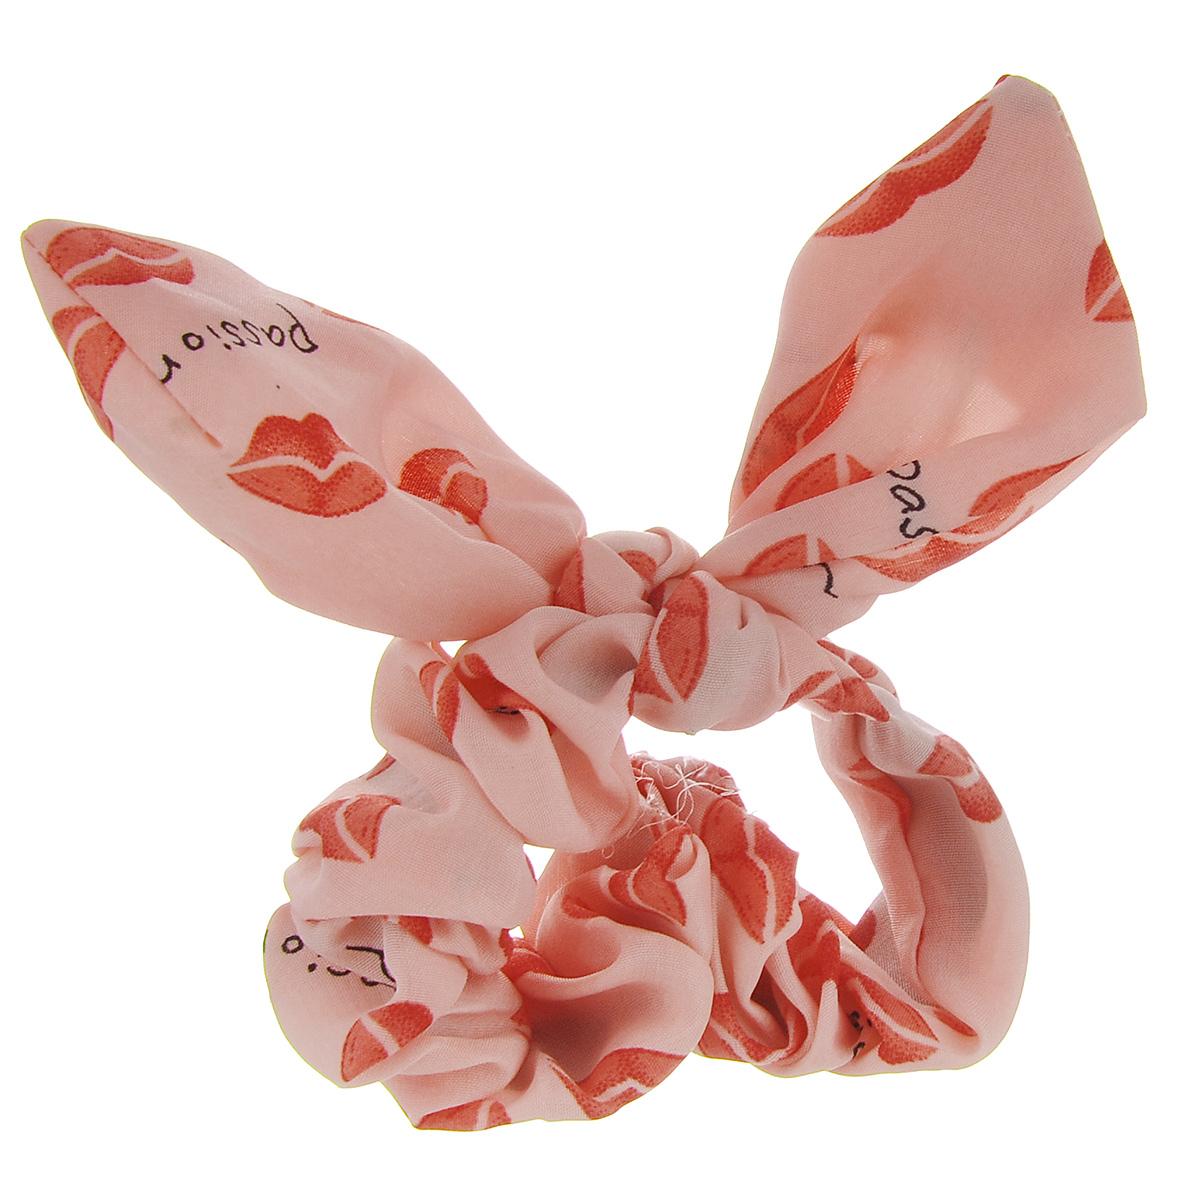 Заколка Хеагами Поцелуй, цвет: розовый, красныйЗХп_розовый/красный